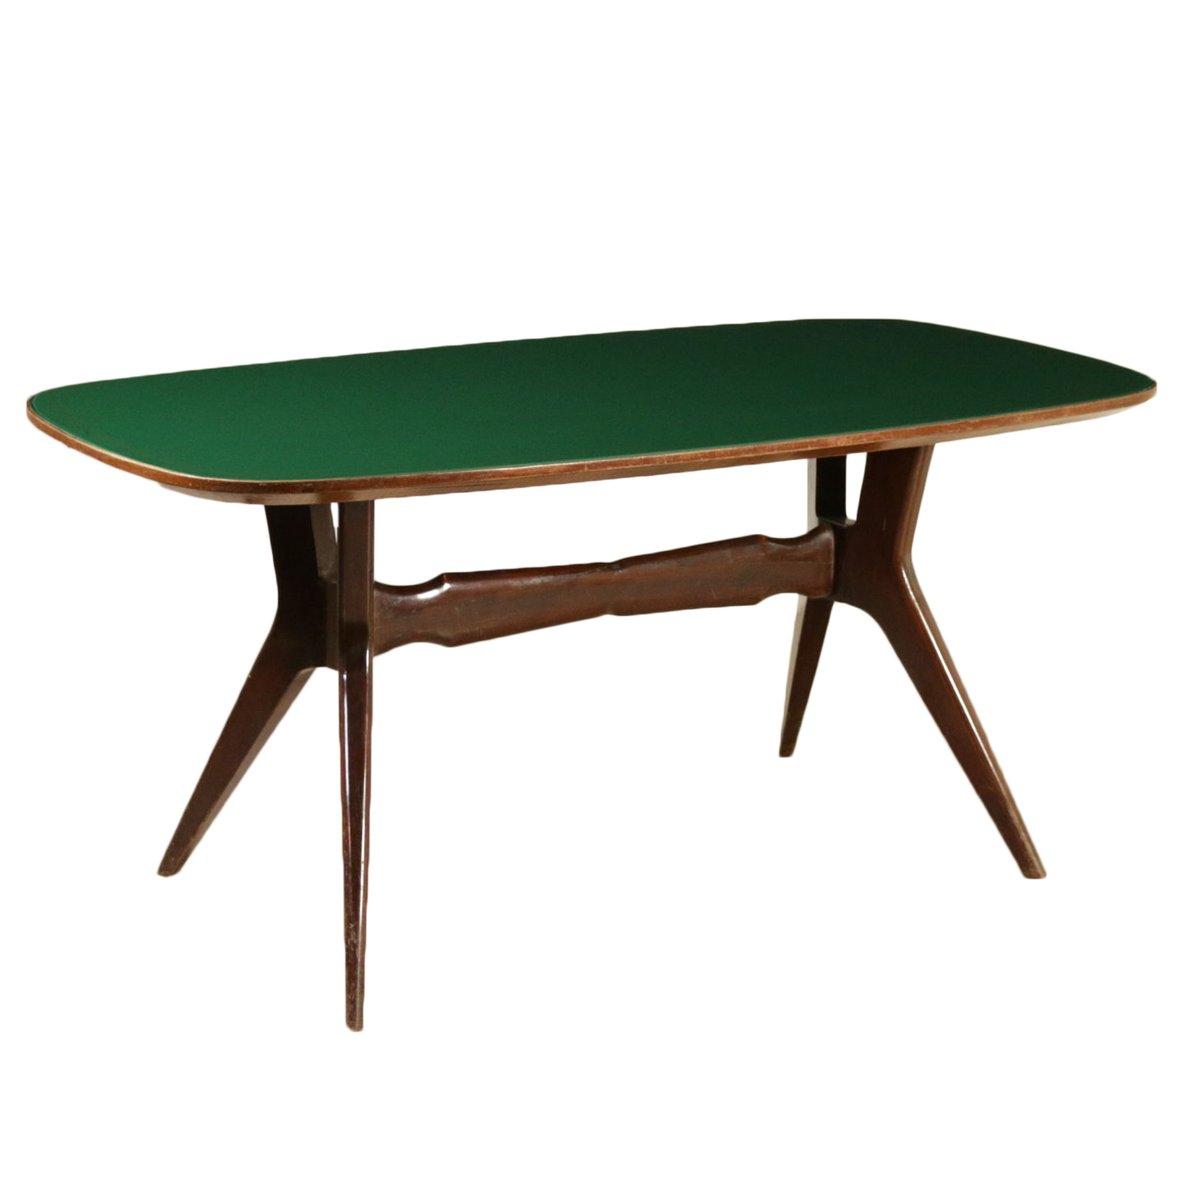 Mesa de comedor italiana vintage de madera teñida y vidrio retro en ...